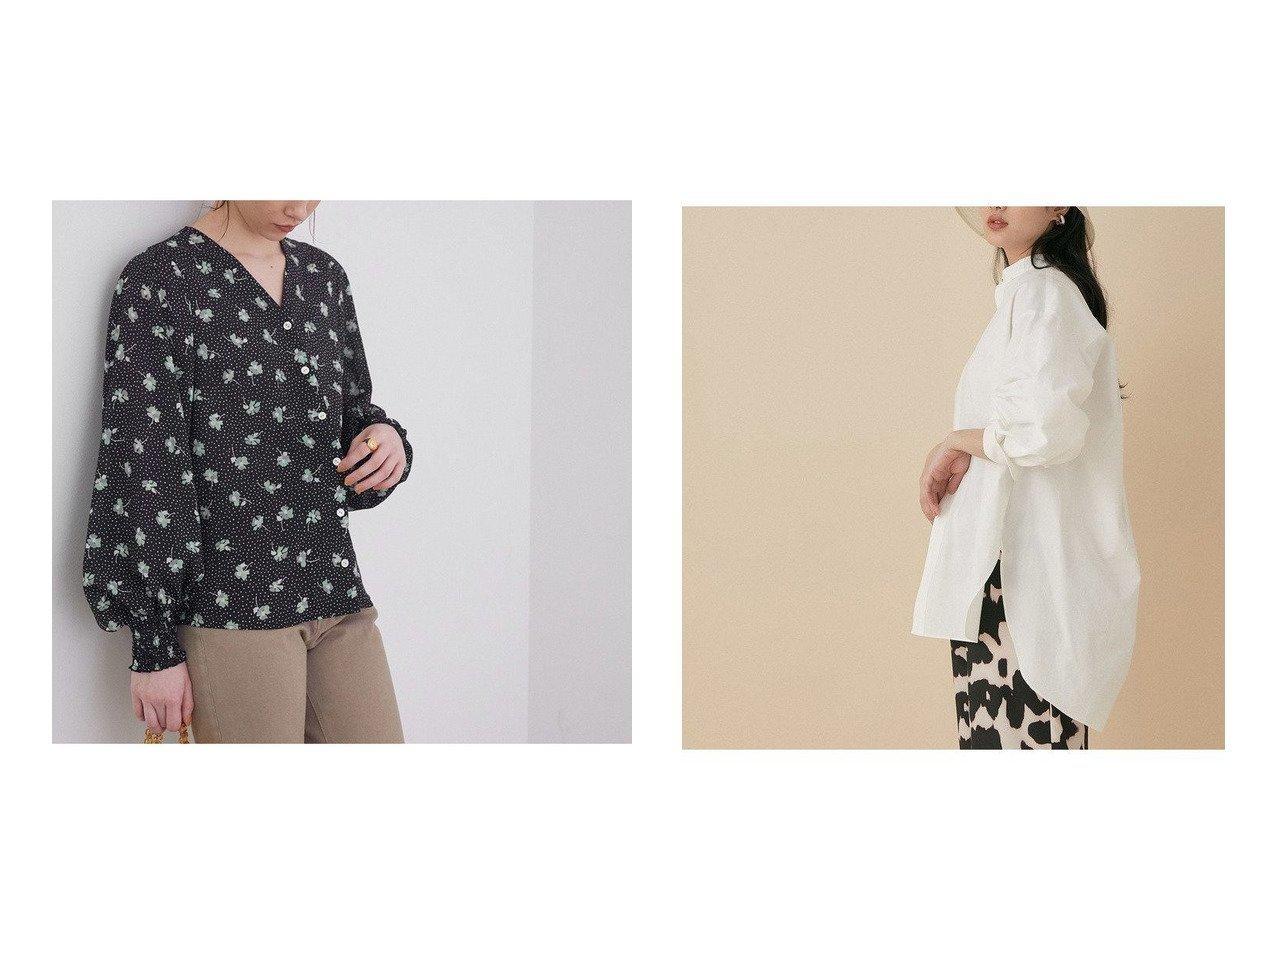 【ADAM ET ROPE'/アダム エ ロペ】のバンドカラーシャツ&【ROPE' mademoiselle/ロペ マドモアゼル】のMARIEフラワープリントパフスリーブブラウス トップス・カットソーのおすすめ!人気、トレンド・レディースファッションの通販 おすすめで人気の流行・トレンド、ファッションの通販商品 メンズファッション・キッズファッション・インテリア・家具・レディースファッション・服の通販 founy(ファニー) https://founy.com/ ファッション Fashion レディースファッション WOMEN トップス カットソー Tops Tshirt シャツ/ブラウス Shirts Blouses 花柄・フラワープリント・モチーフ Flower Patterns イエロー オレンジ ヴィンテージ 春 Spring スタンダード デコルテ デニム フェミニン プリント ポケット マニッシュ モチーフ 再入荷 Restock/Back in Stock/Re Arrival カフス フォルム ボトム メタル ロング ワッシャー 2021年 2021 S/S 春夏 SS Spring/Summer 2021 春夏 S/S SS Spring/Summer 2021 NEW・新作・新着・新入荷 New Arrivals  ID:crp329100000024102